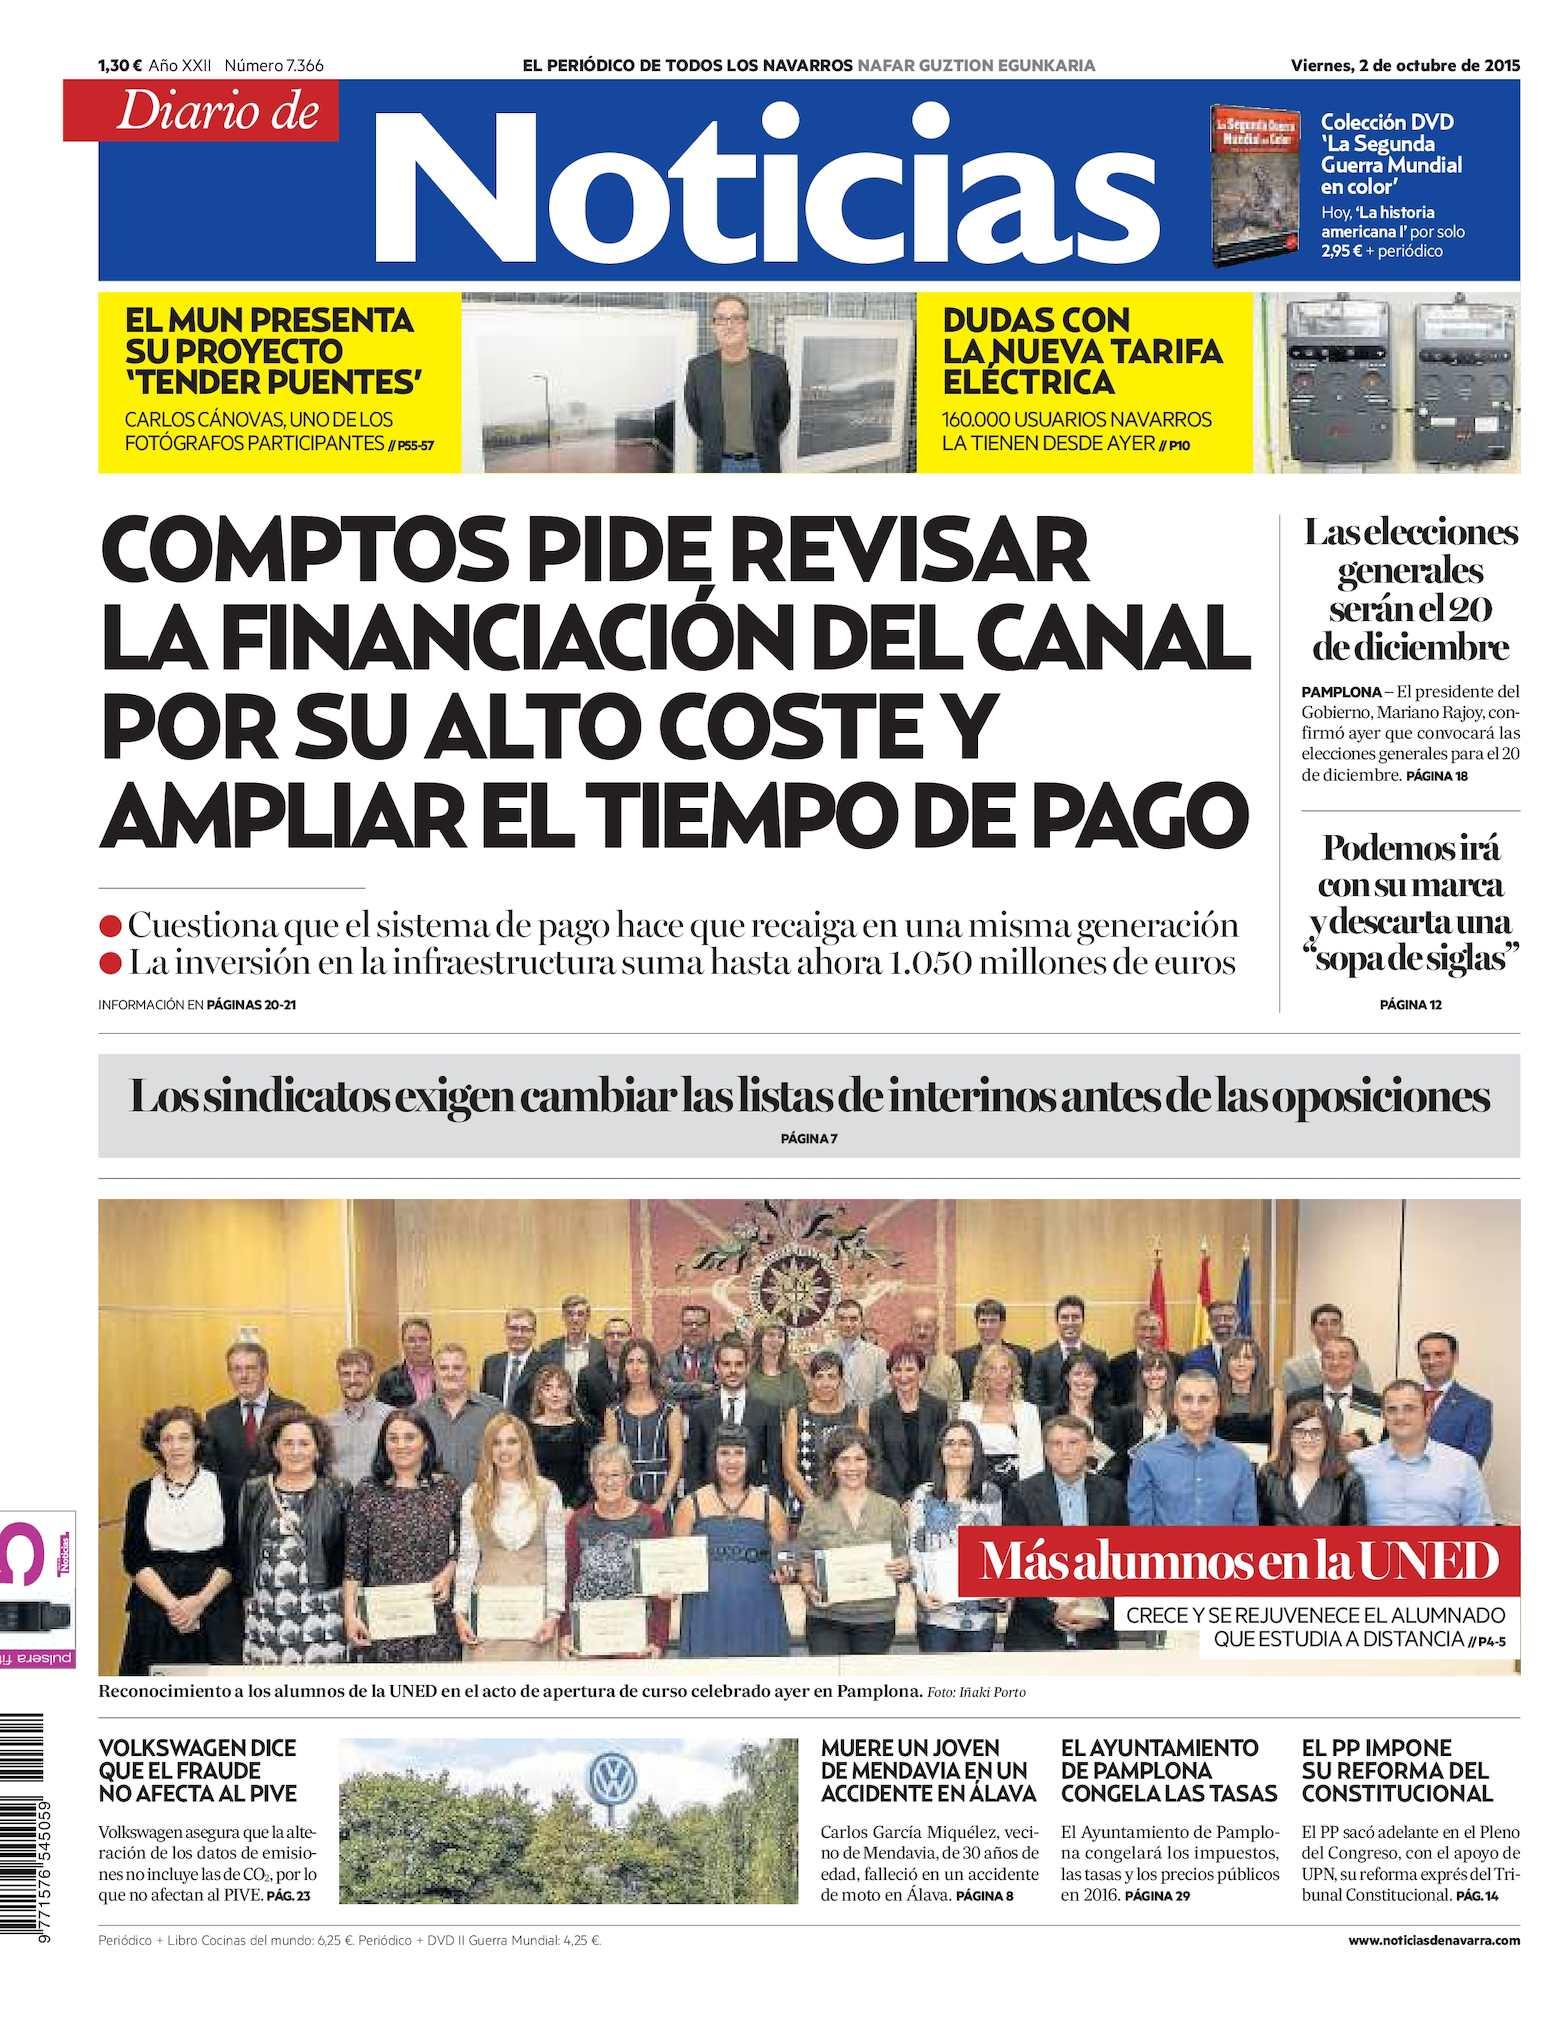 Calaméo - Diario de Noticias 20151002